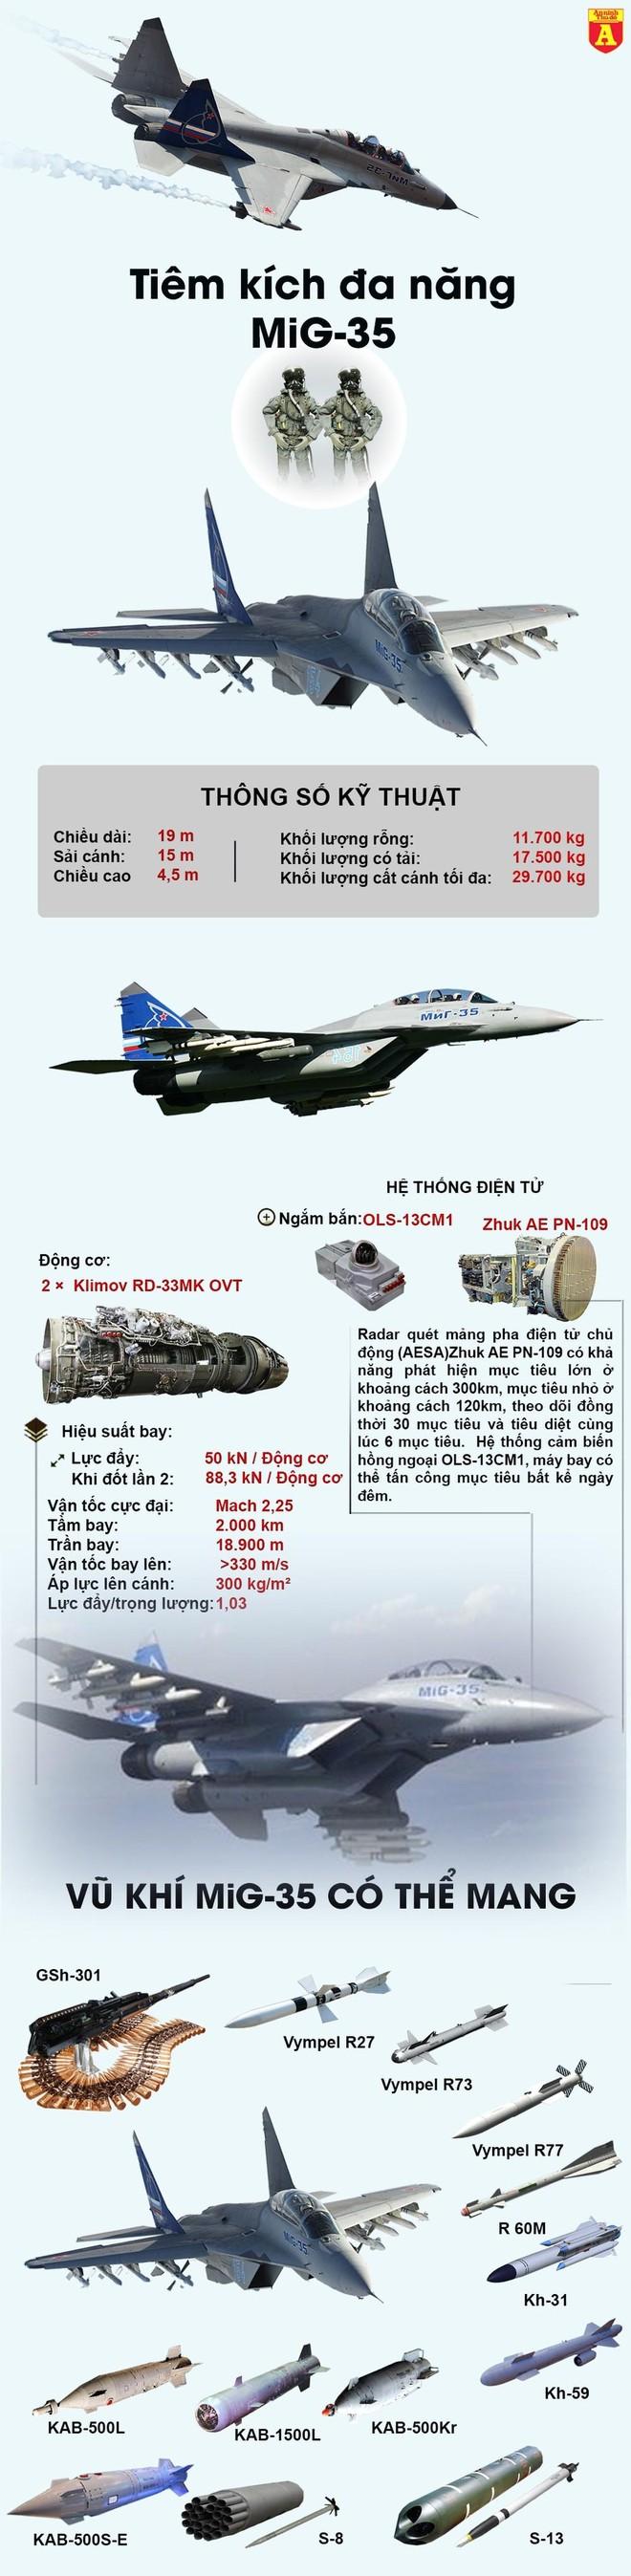 [Info] Không phải quân đội Nga mà Ấn Độ mới là cứu tinh của MiG-35 ảnh 2